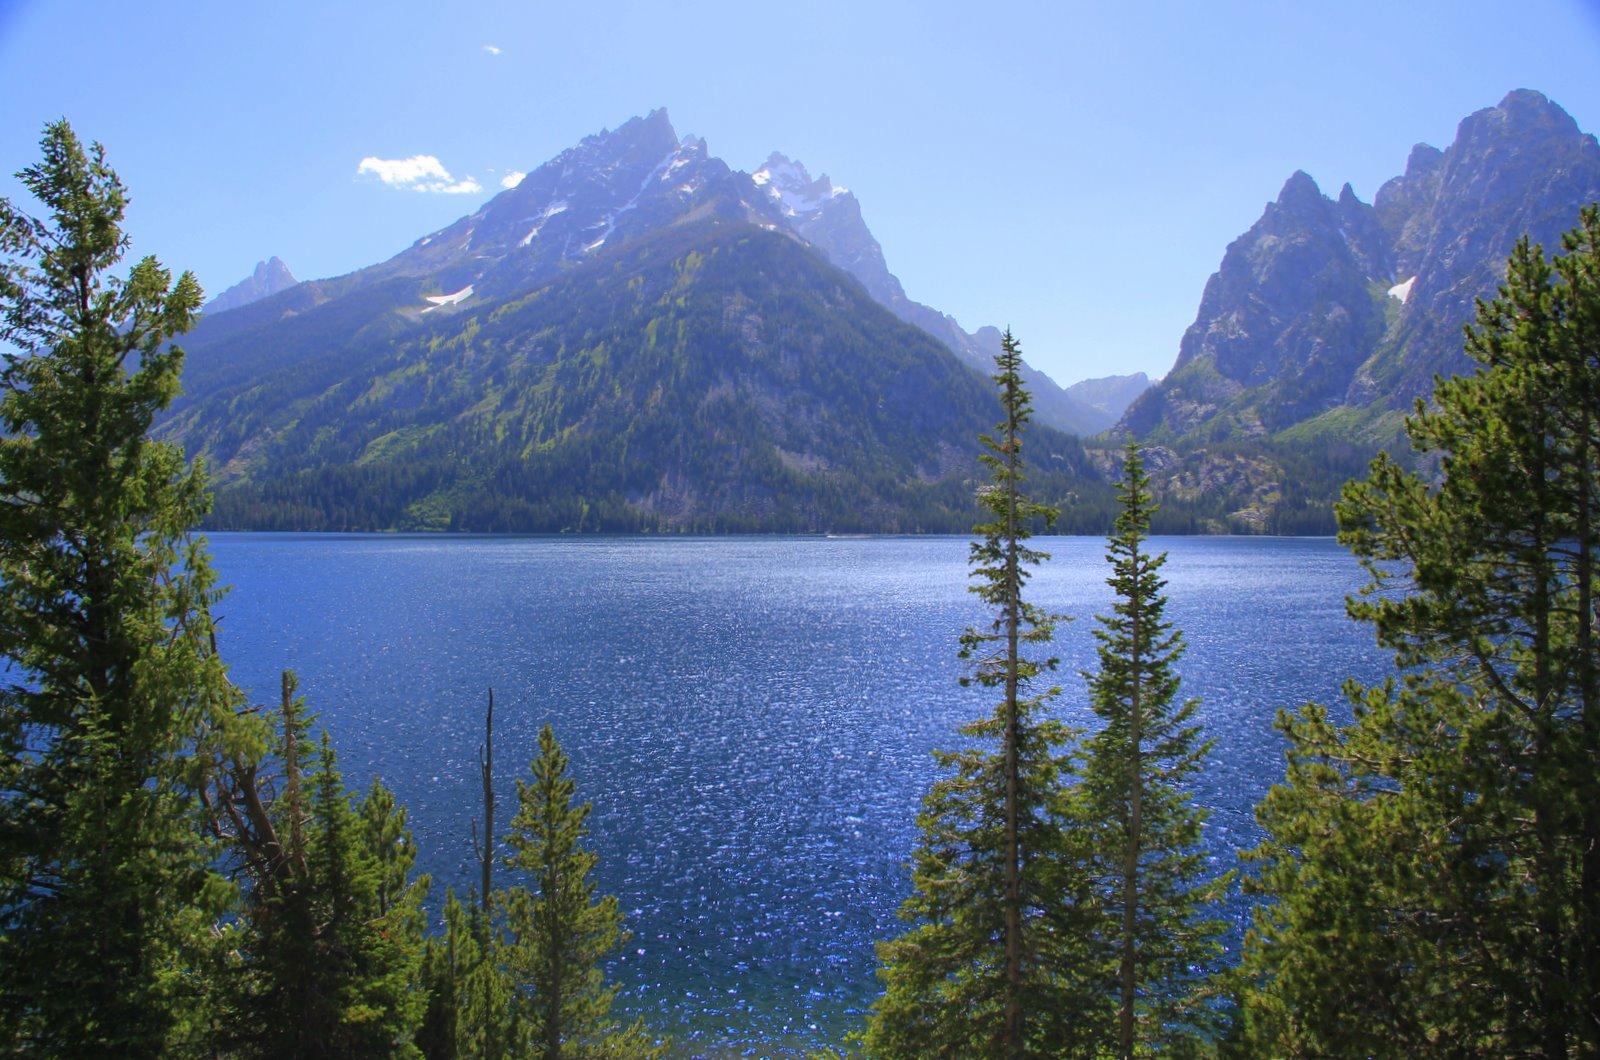 Озеро Дженни, Национальный парк Гранд-Титон